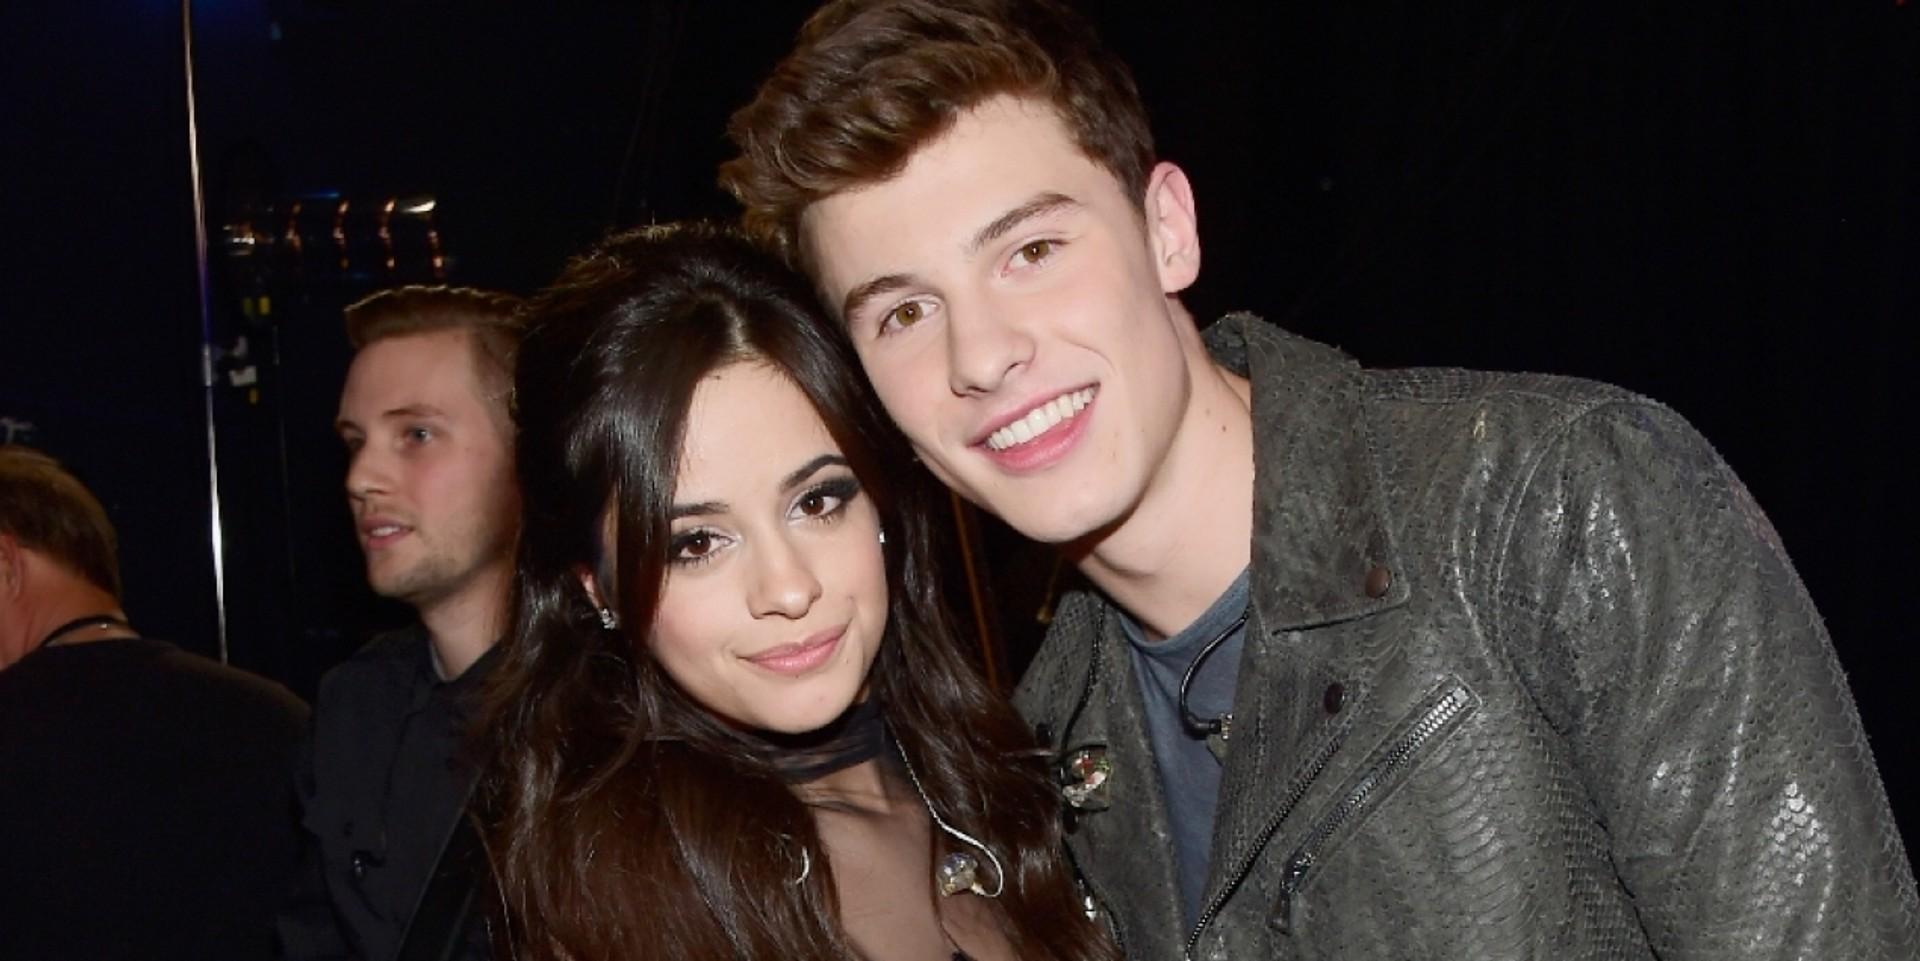 Shawn Mendes and Camila Cabello release romantic collaborative track 'Señorita' – watch